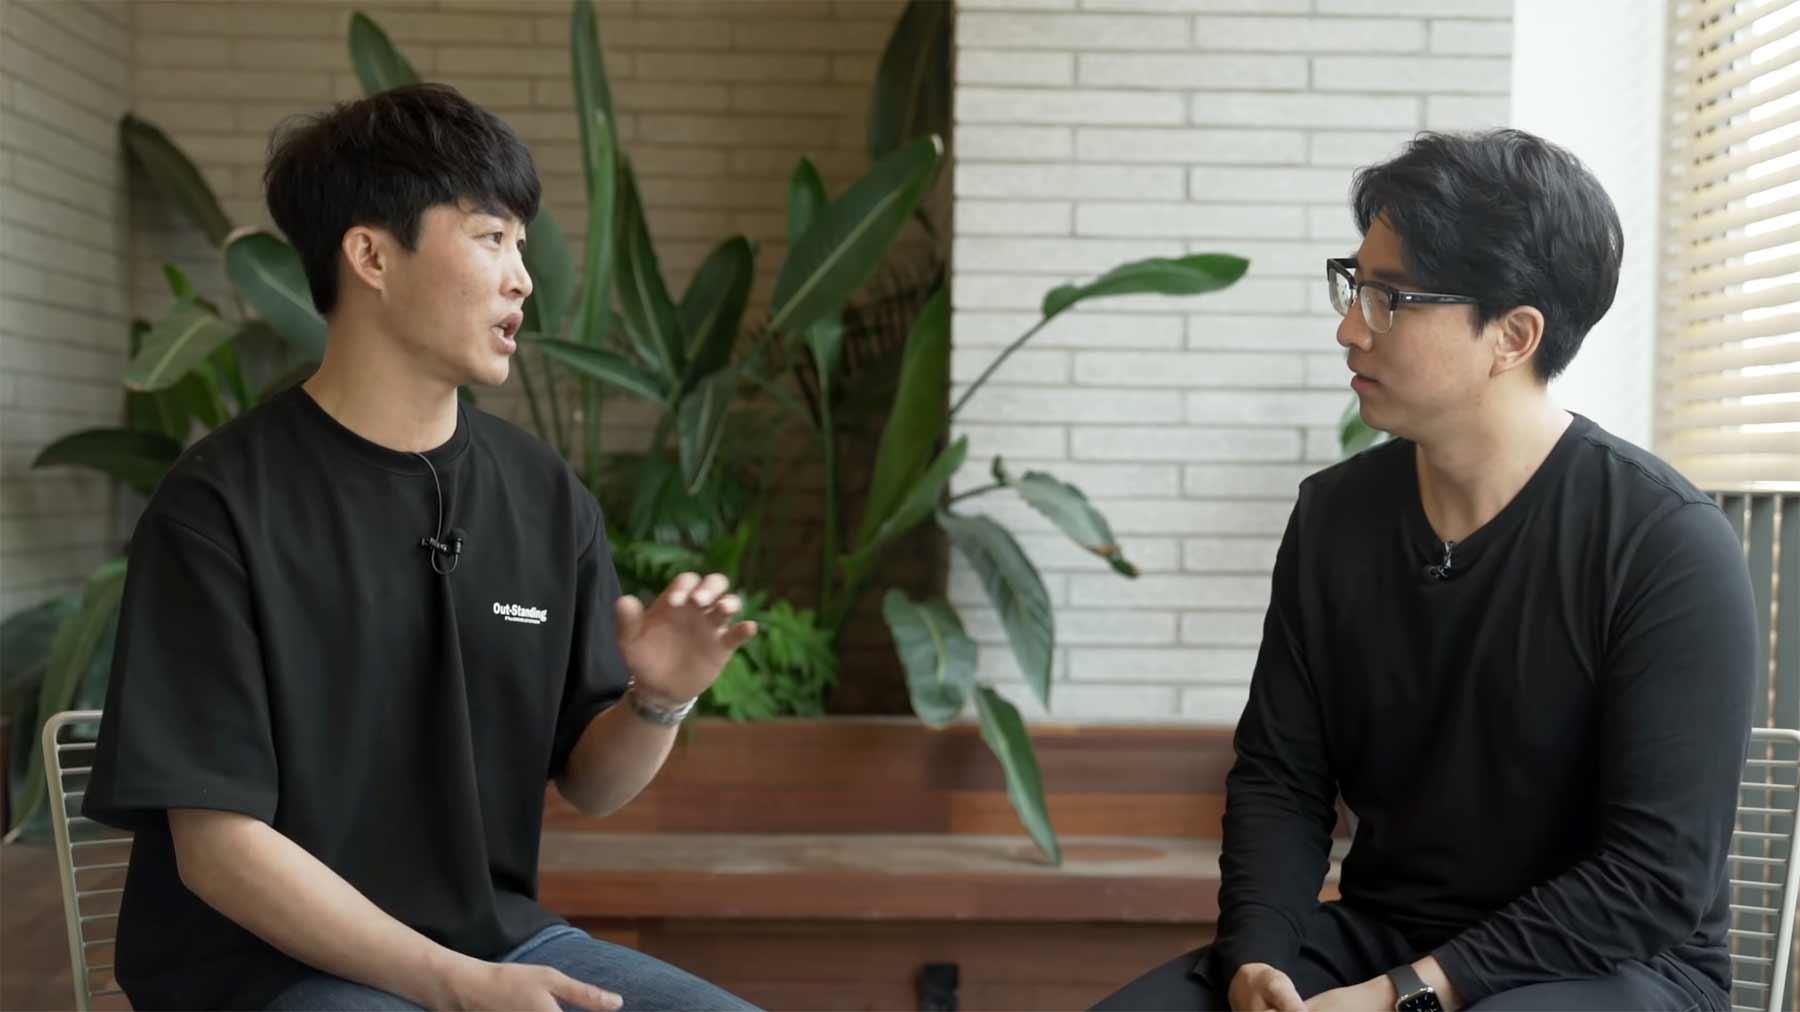 Ehemaliger Elite-Spion aus Nordkorea erzählt über seine Arbeit Ex-Spion-nordkorea-im-interview